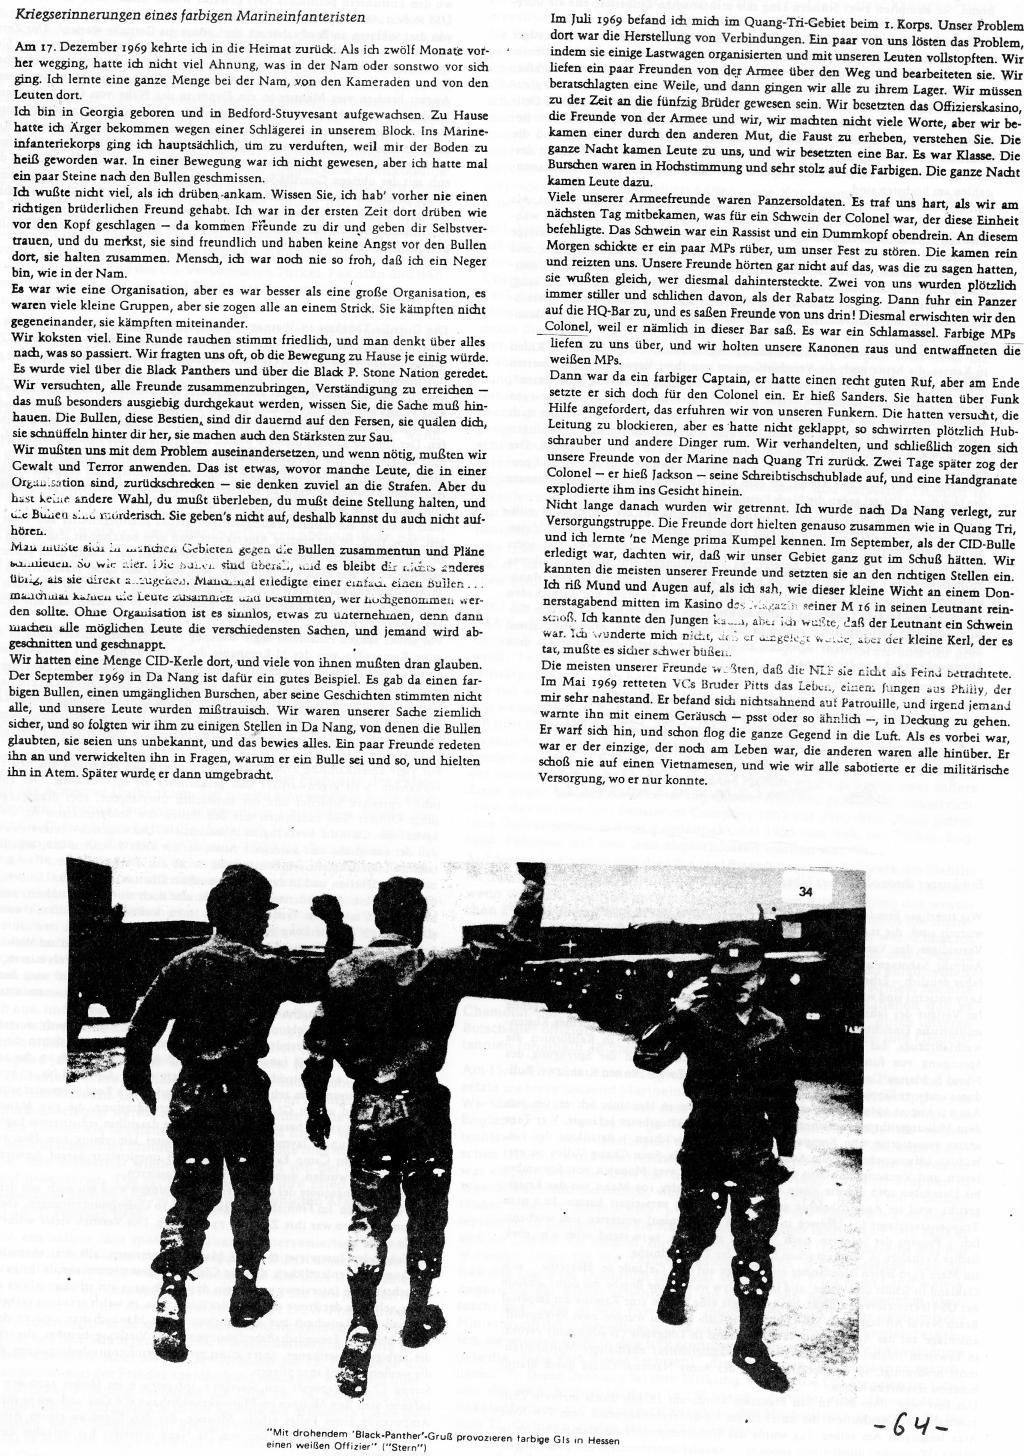 Bremen_1980_NATO_Broschuere_64